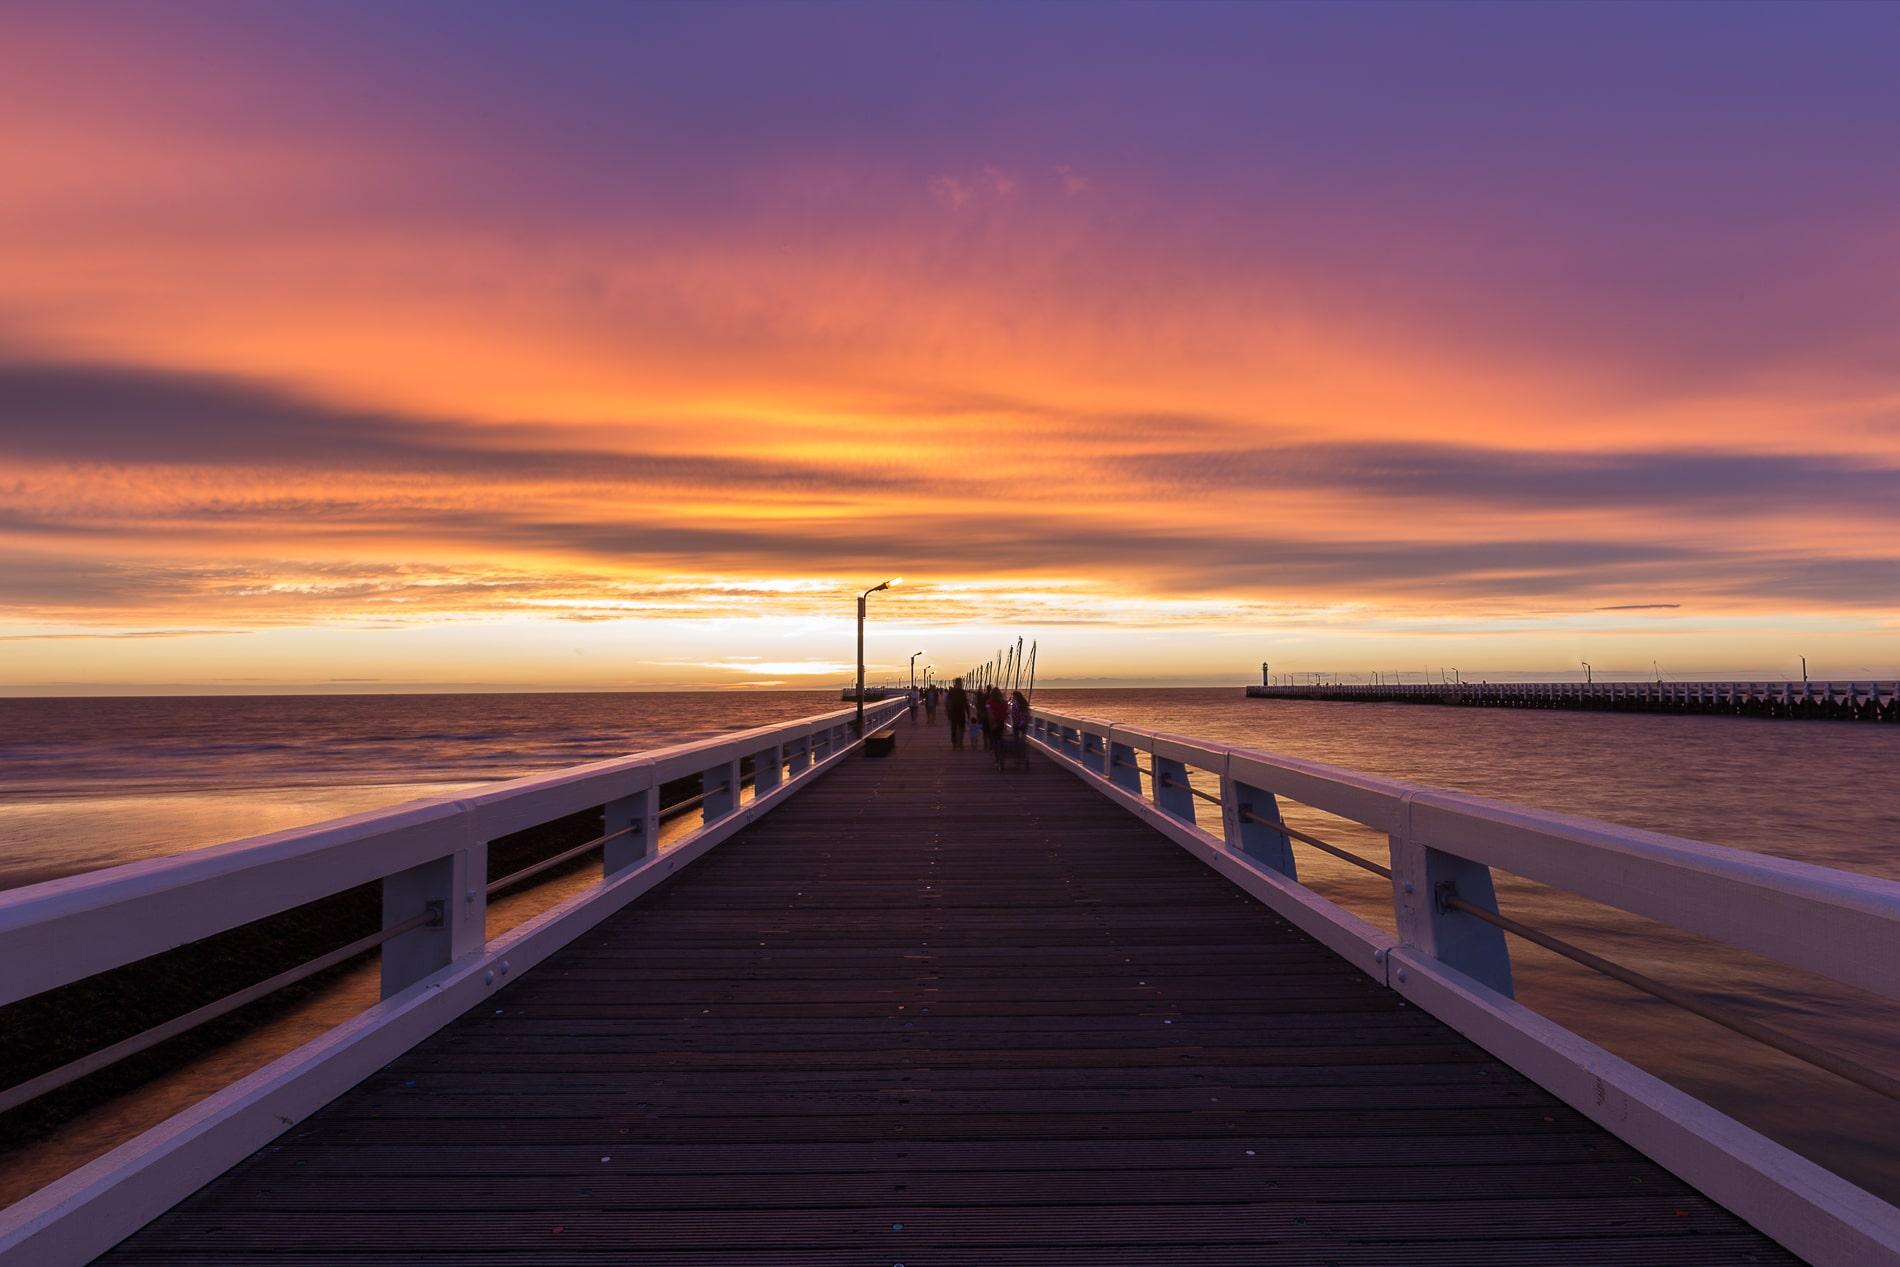 Nieuwpoort Pier